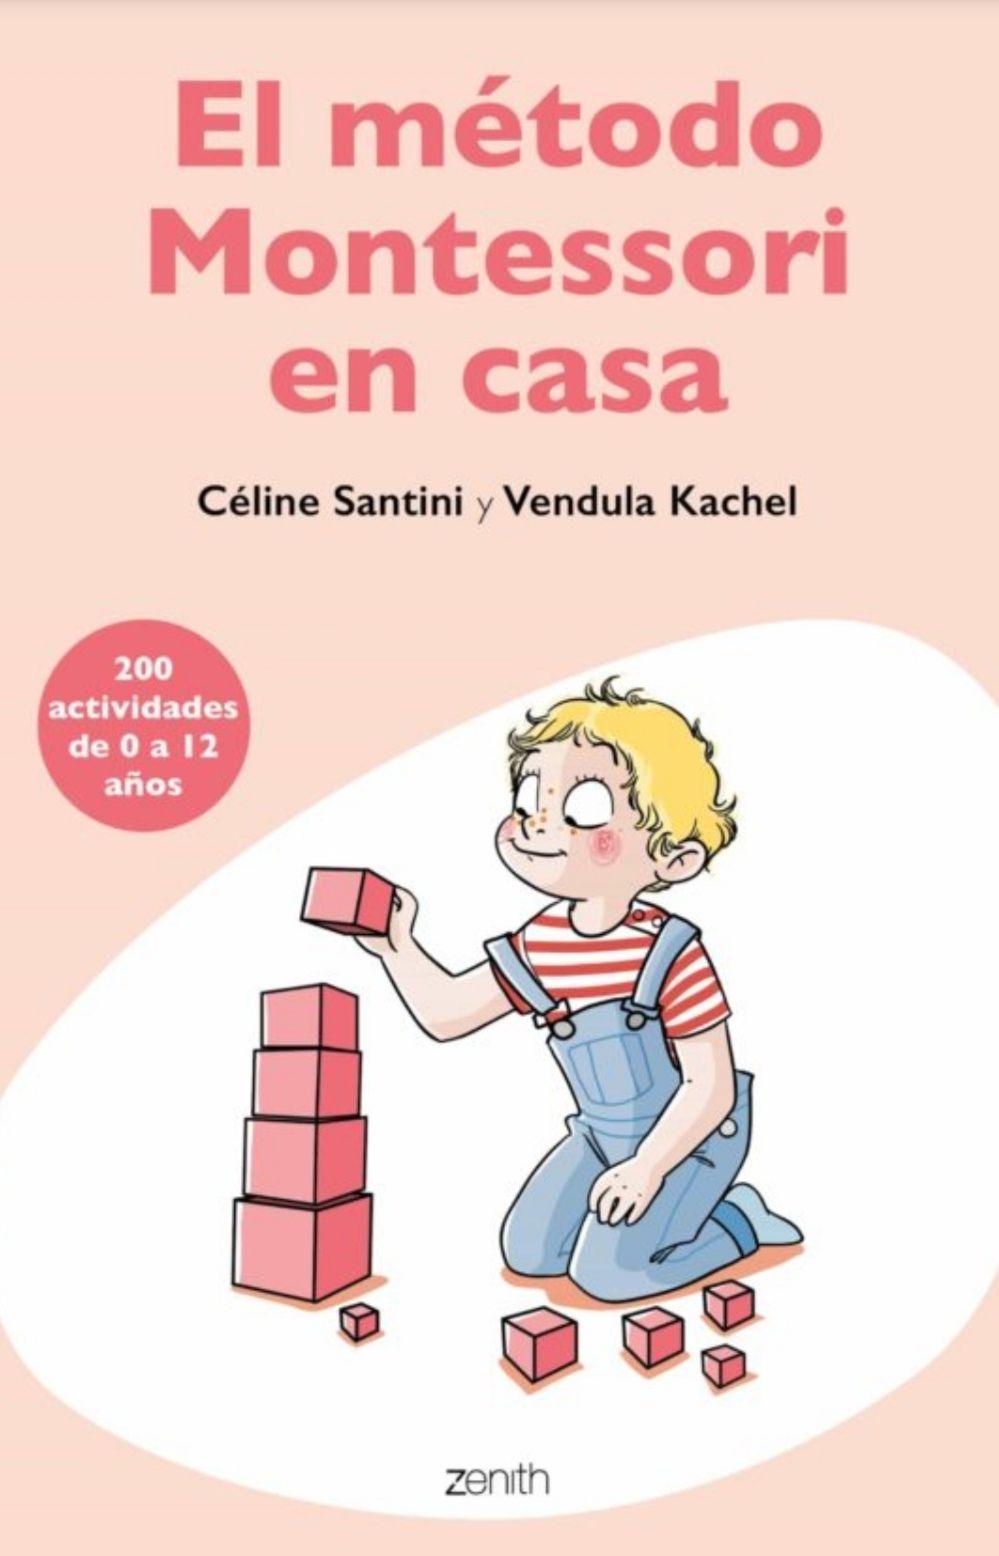 El método Montessori en casa: 200 actividades de 0 a 12 años. (Versión Kindle)